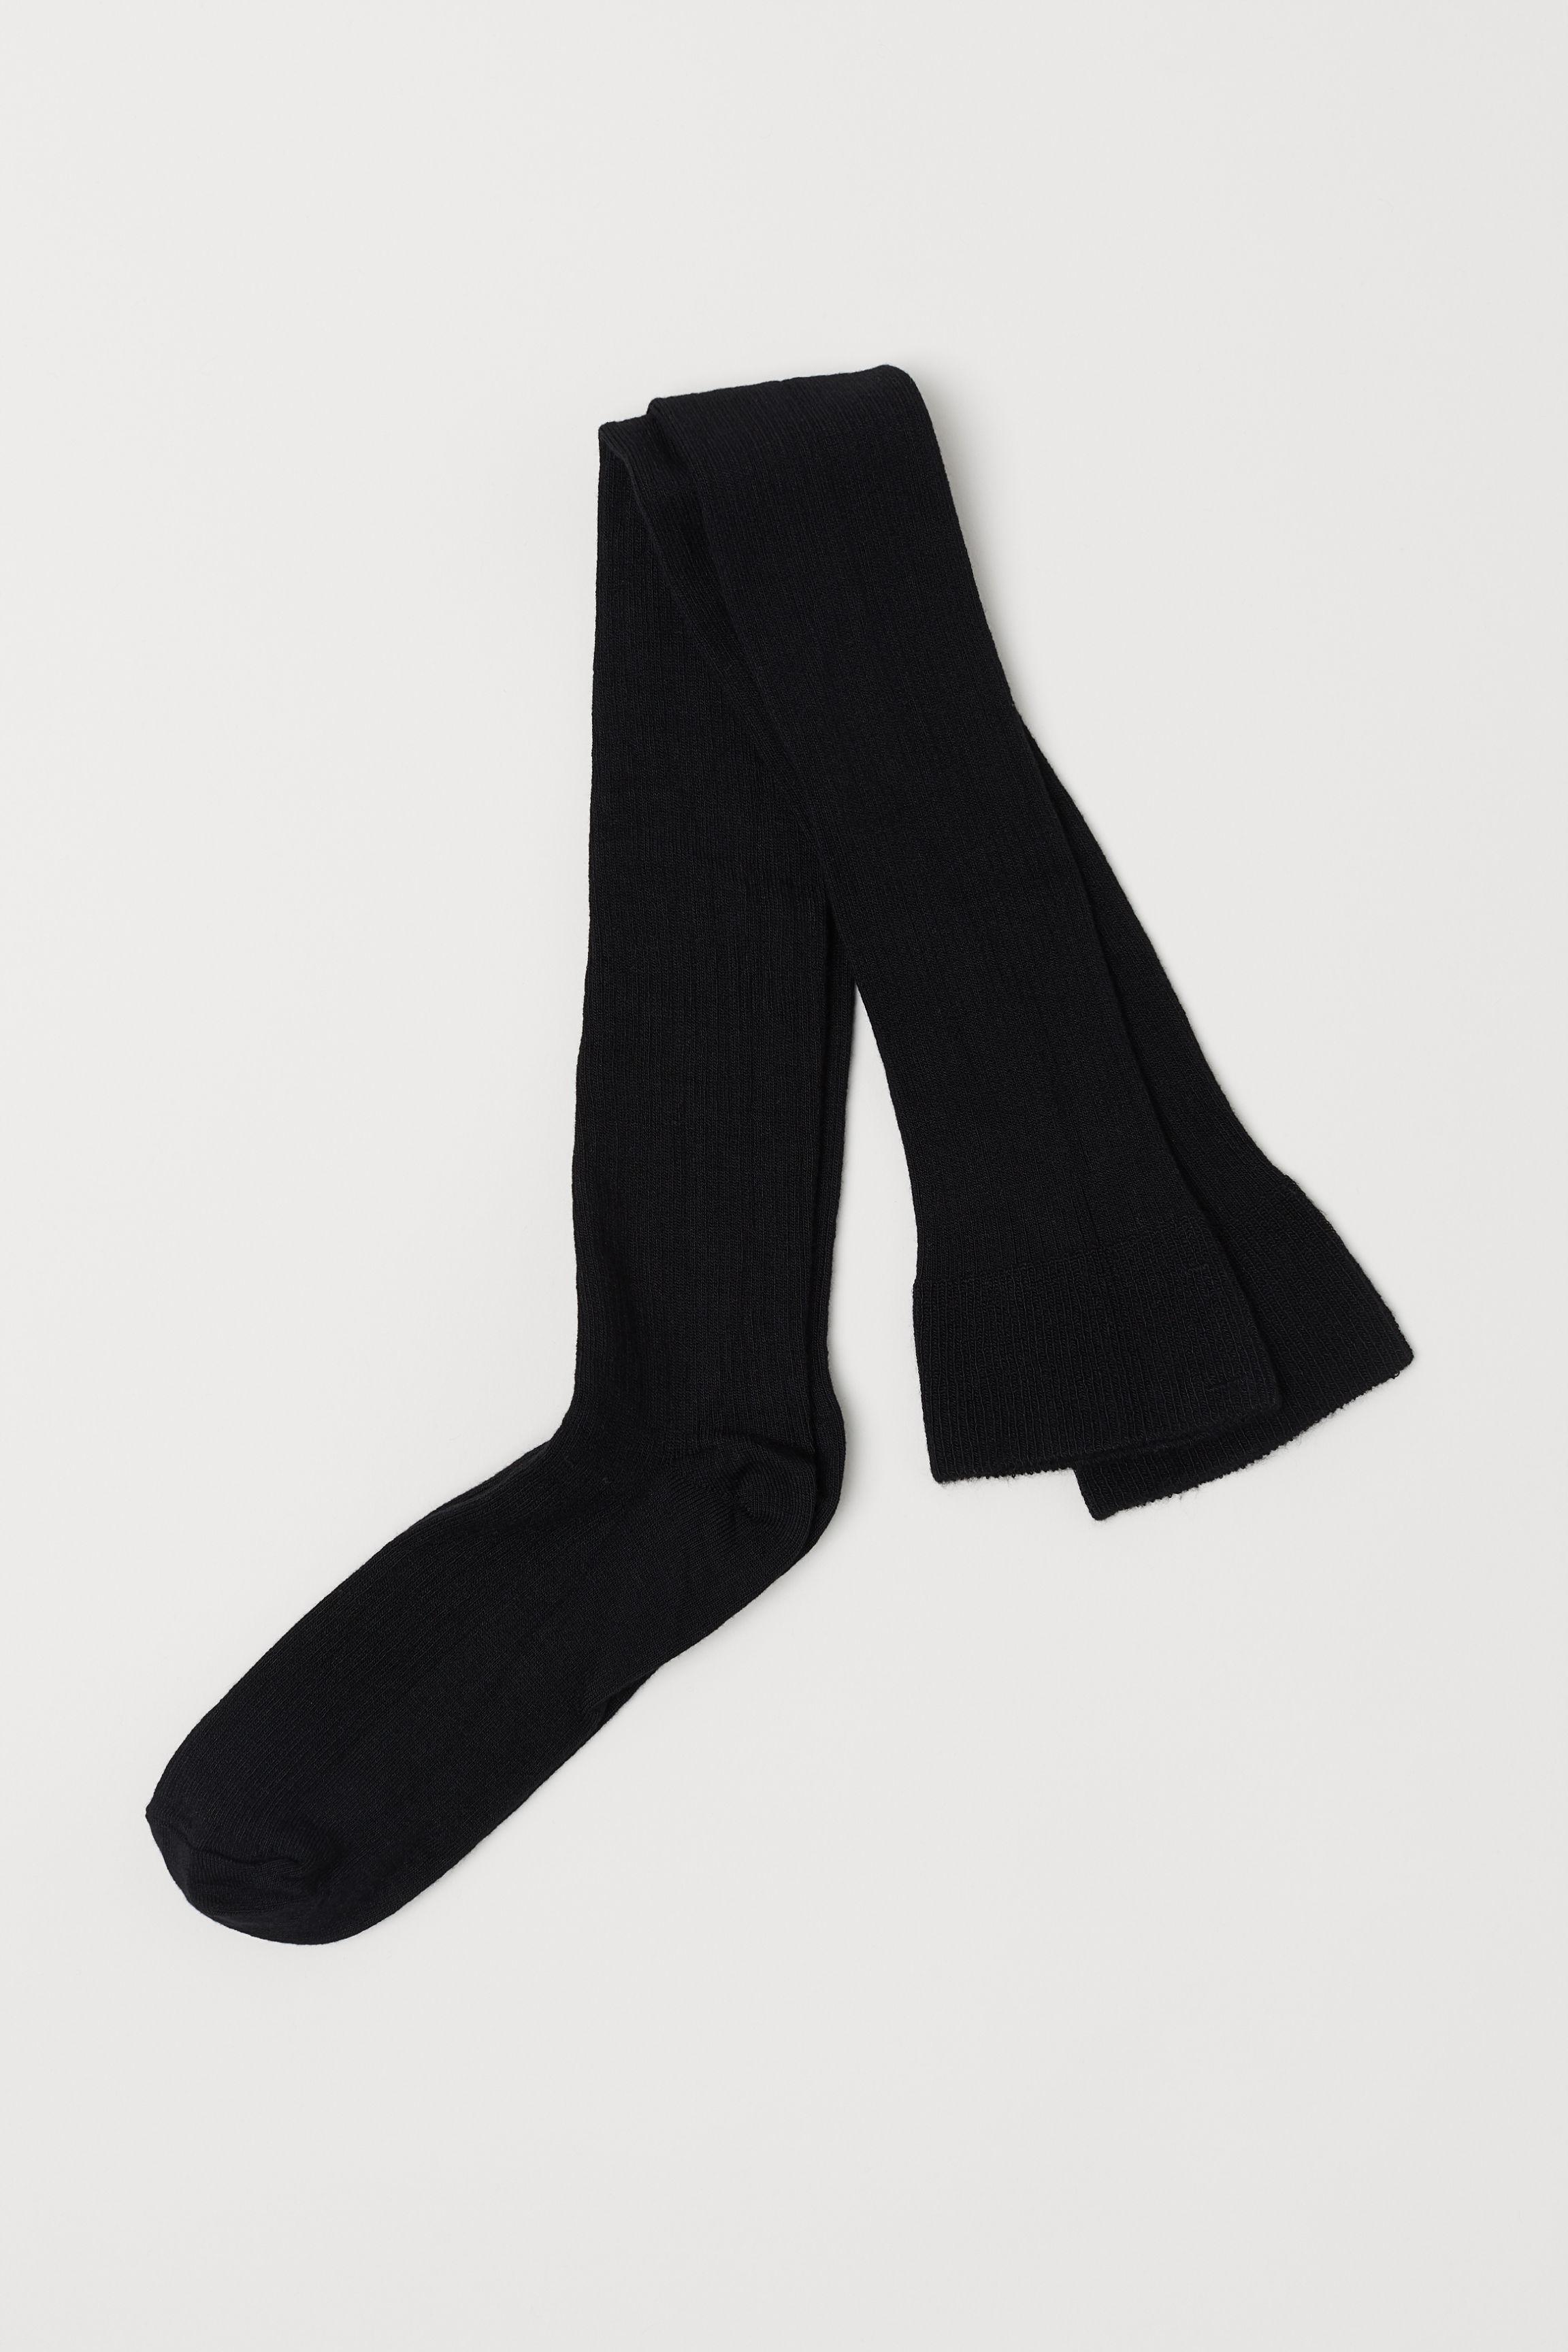 090d8552e Thigh-high Over-knee Socks - Black -